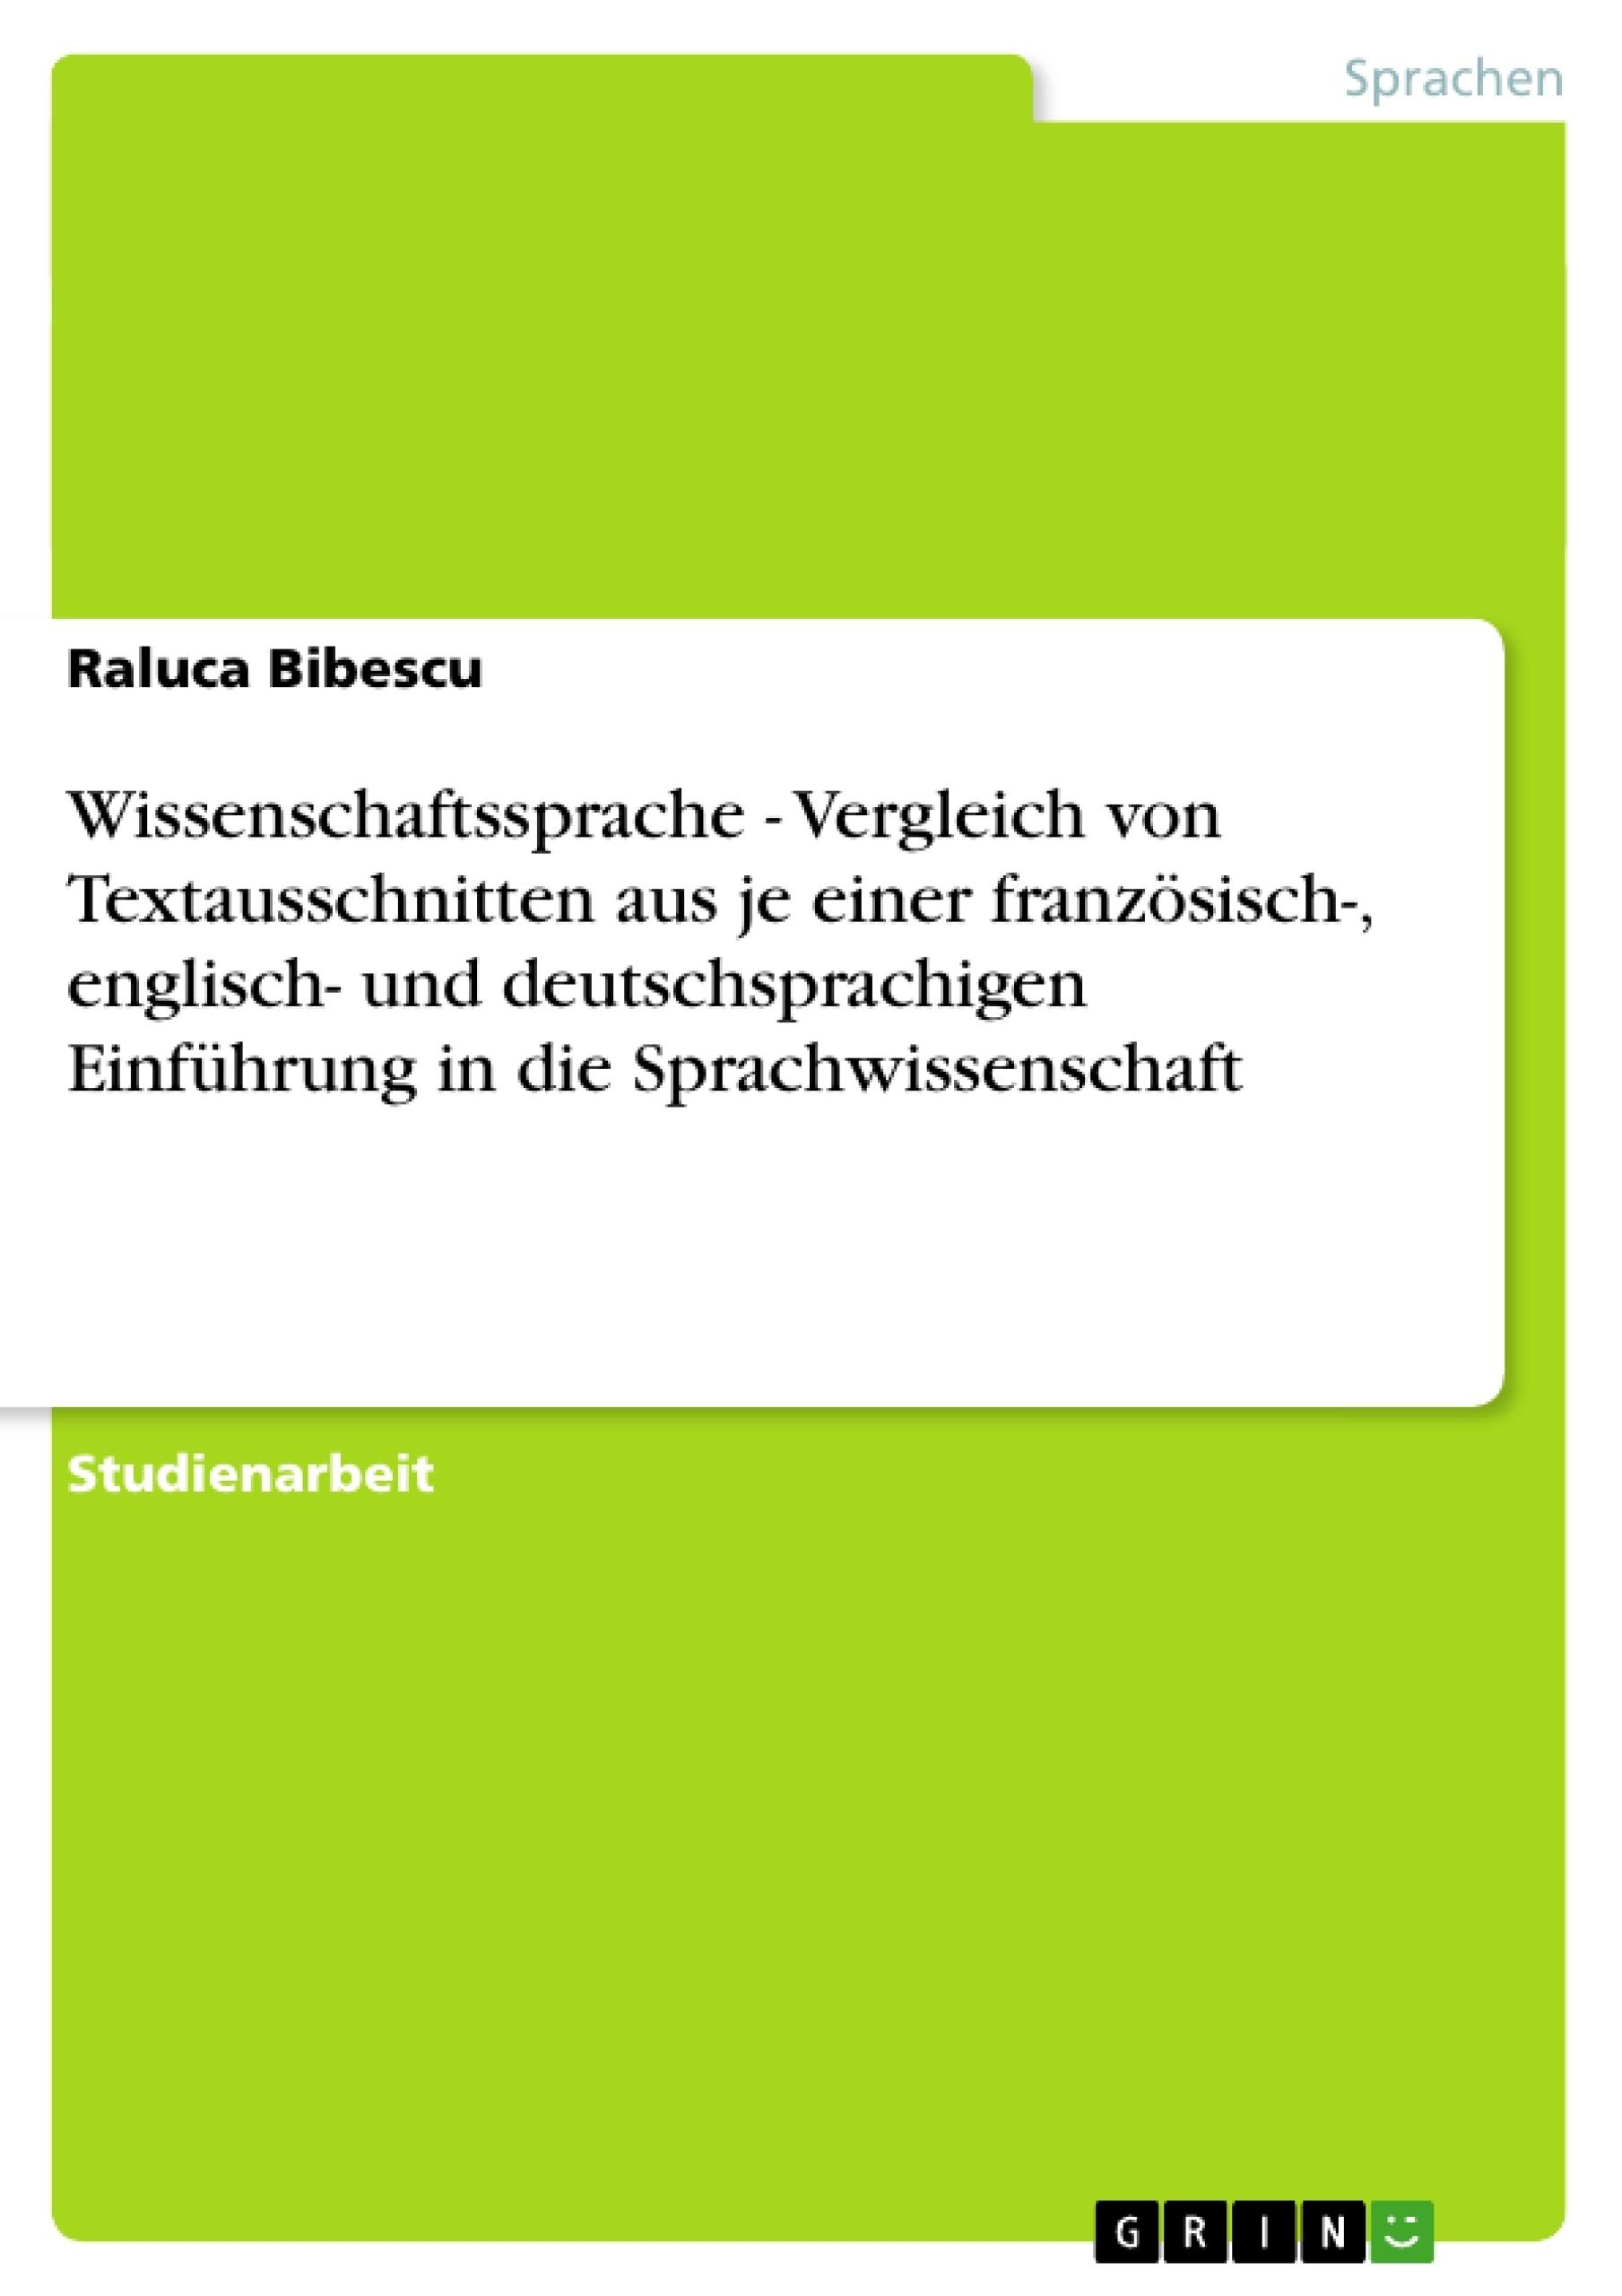 Titel: Wissenschaftssprache - Vergleich von Textausschnitten aus je einer französisch-, englisch- und deutschsprachigen Einführung in die Sprachwissenschaft